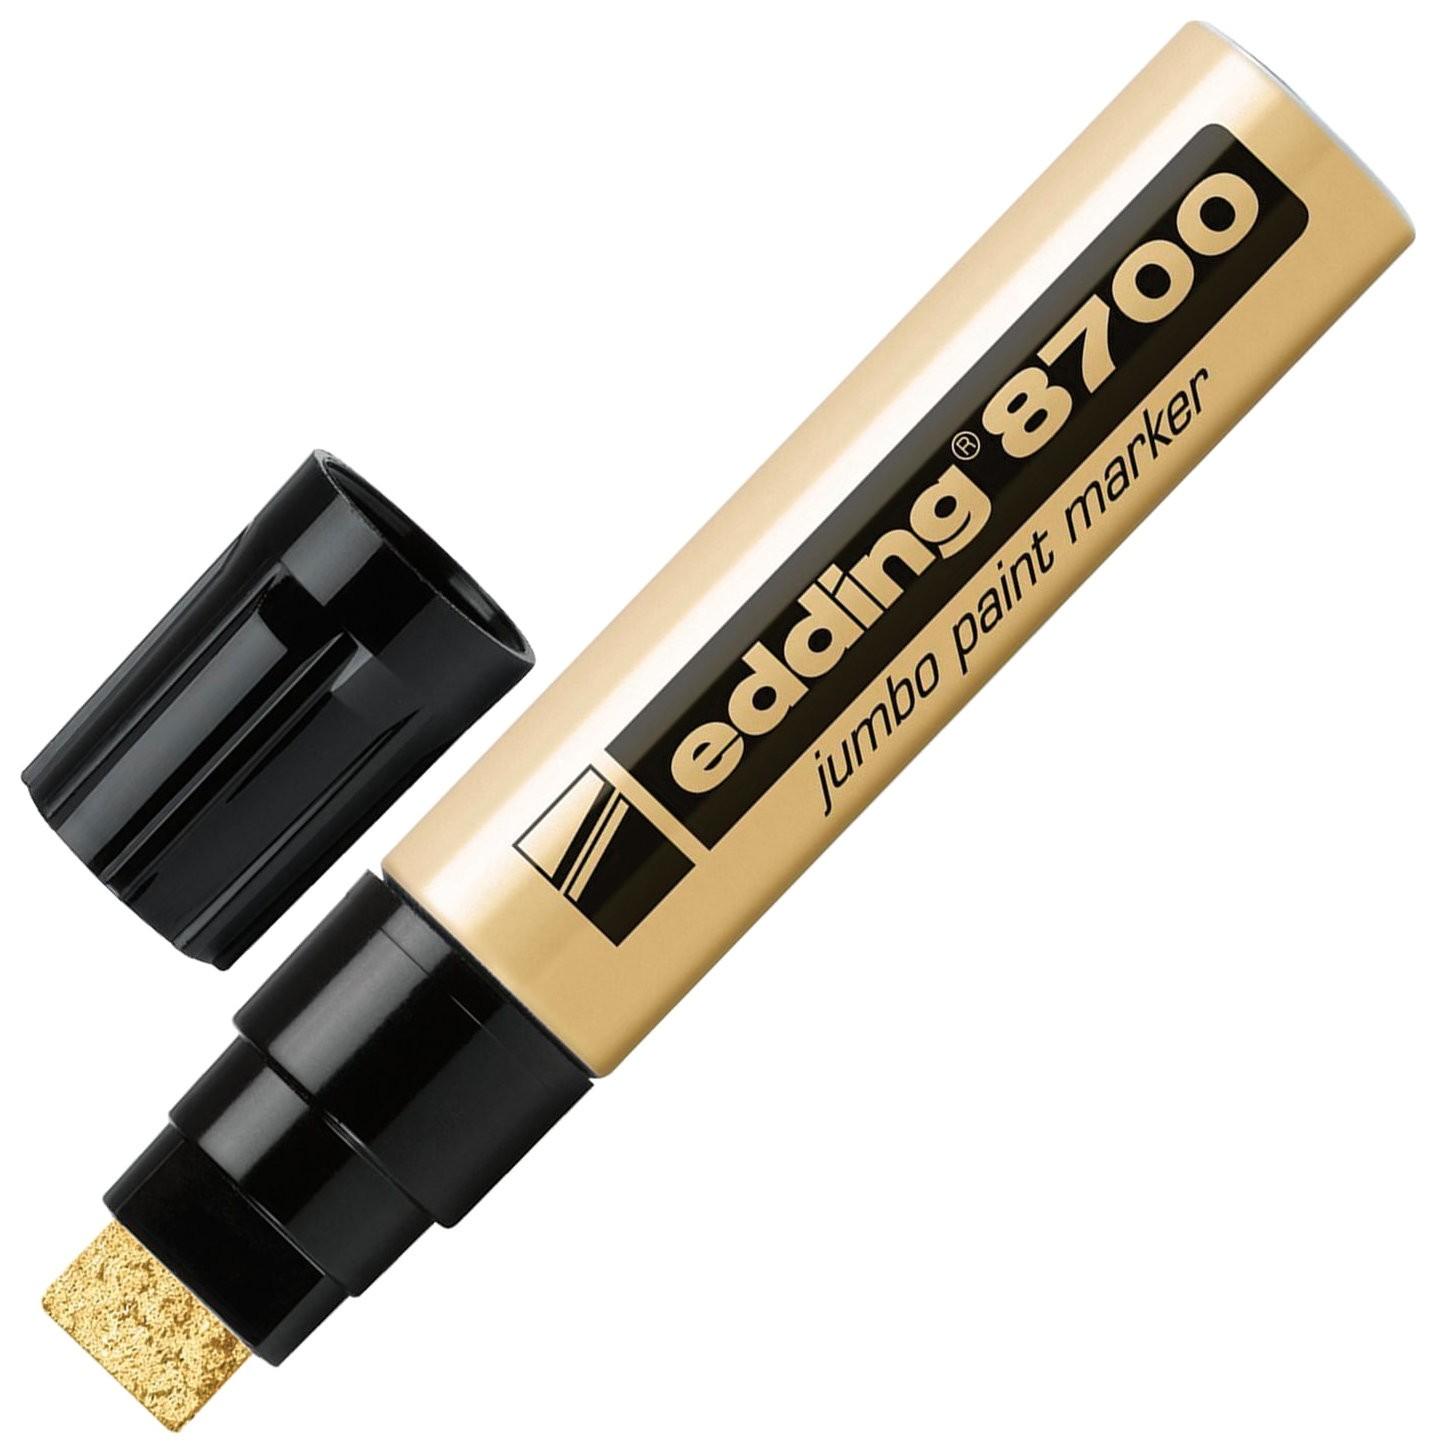 Маркер-краска лаковый (Paint Marker) Edding 8700 Jumbo, 5-18 мм, золотой, скошенный наконечник, алюминиевый корпус Edding